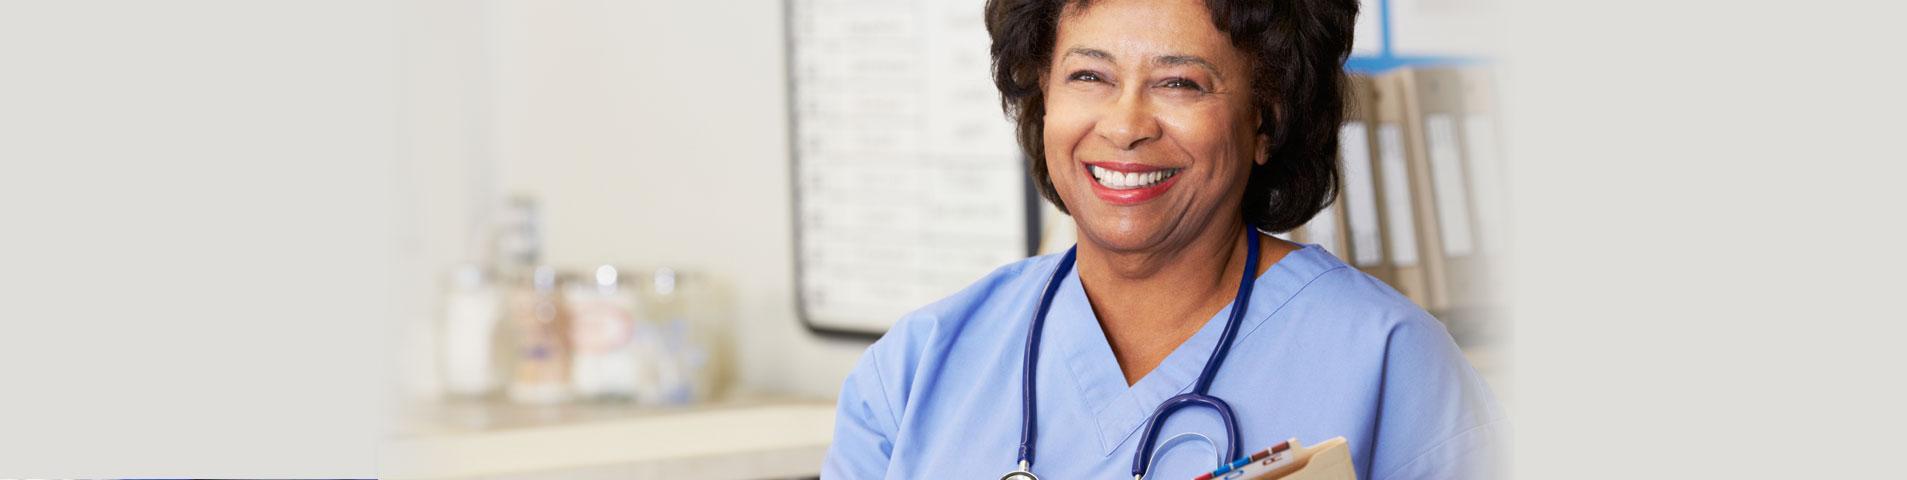 Snap Schedule nurse scheduling software